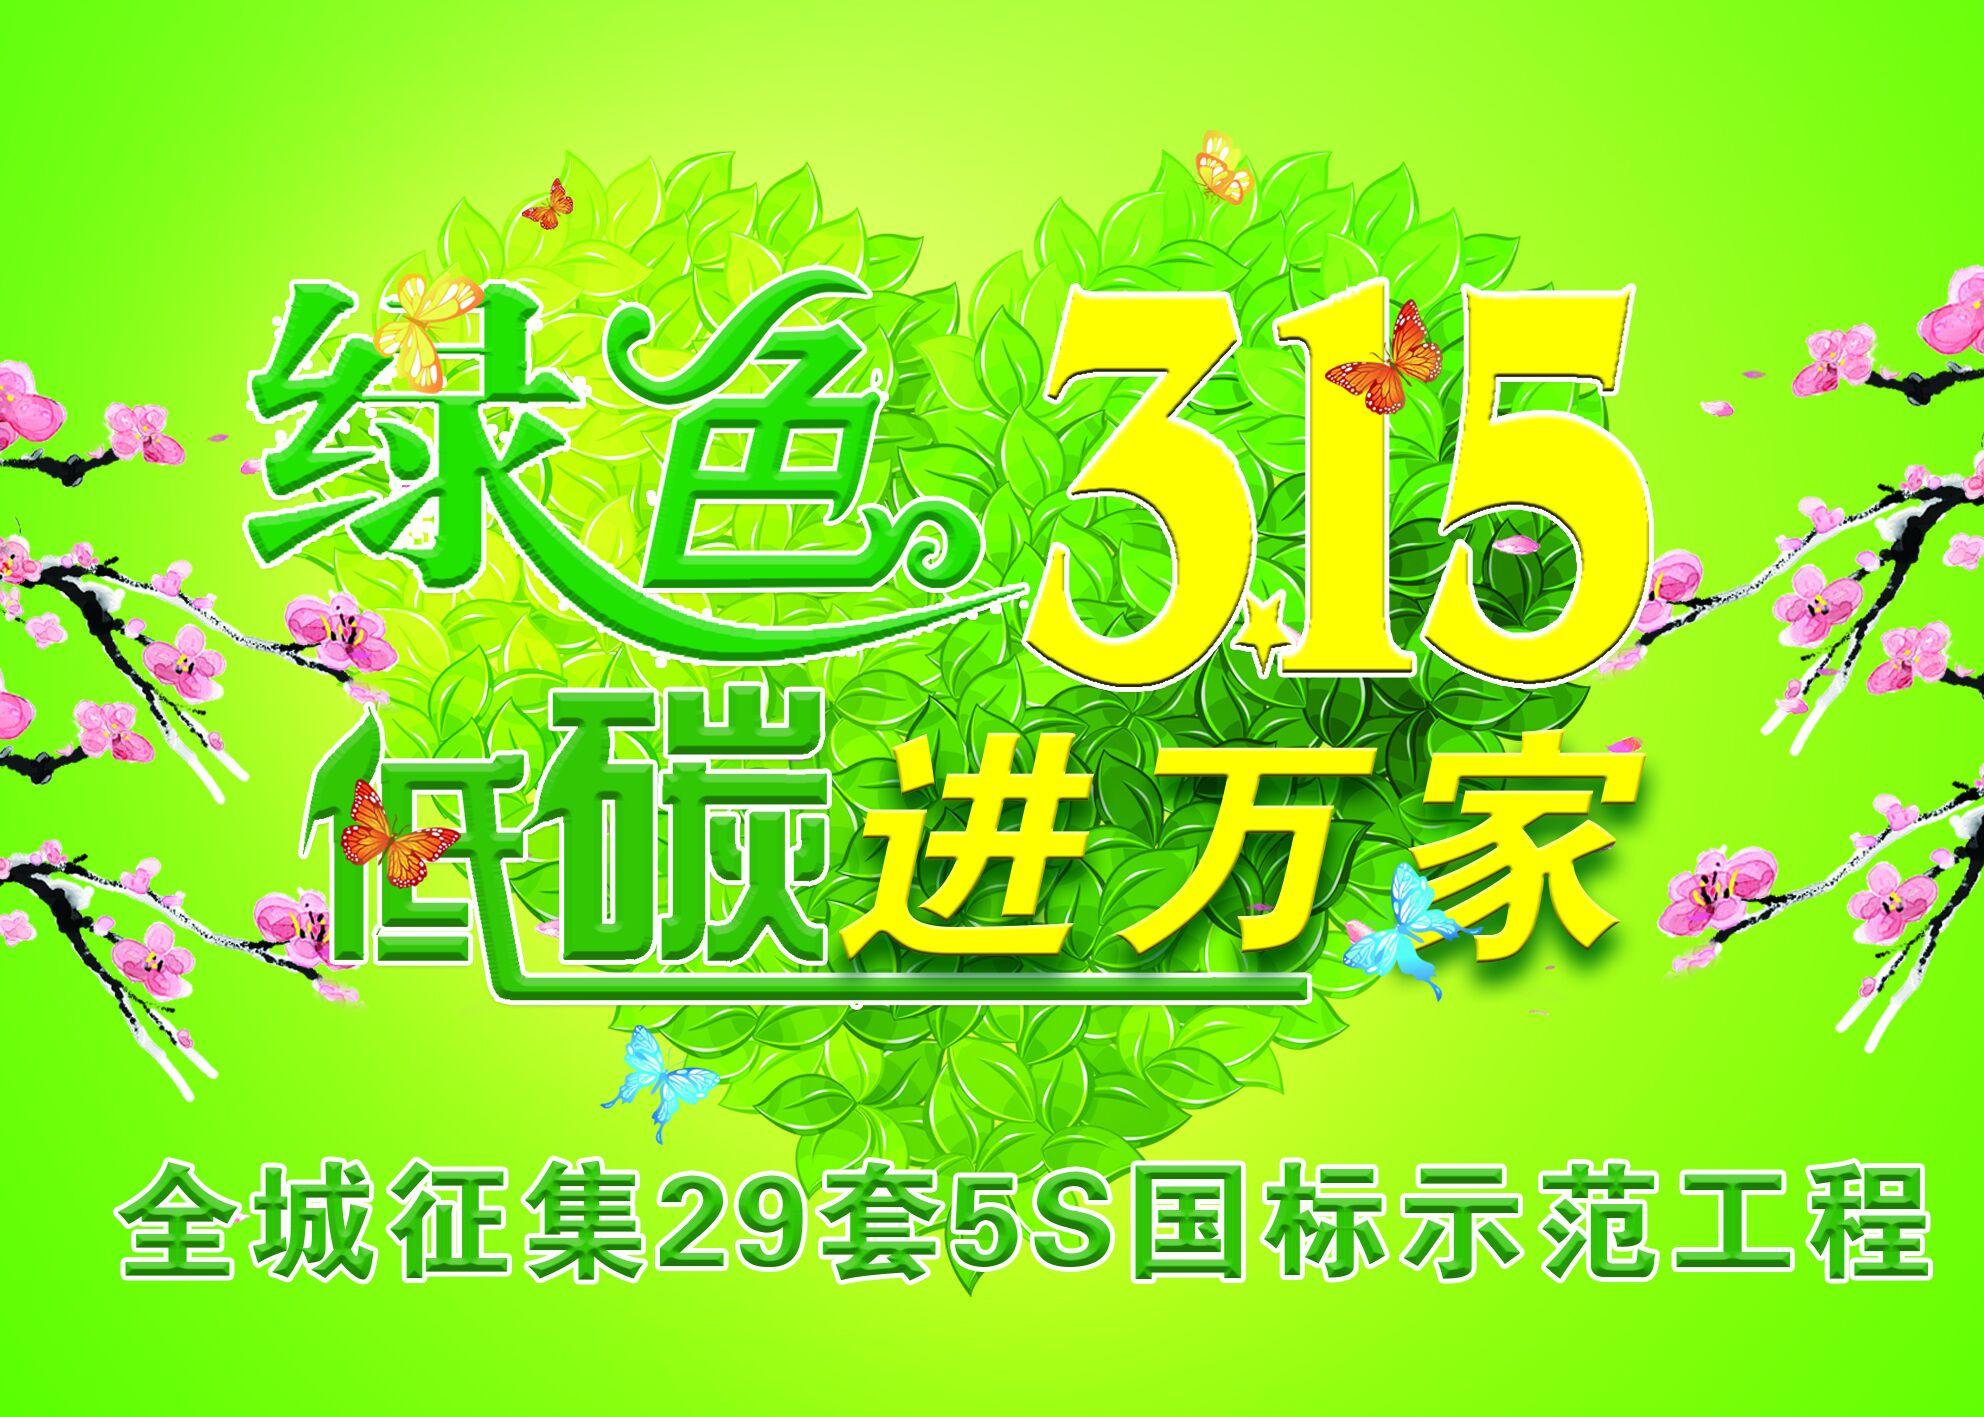 """【大连老工匠装饰】""""绿色315.低碳进万家 """"大型活动"""